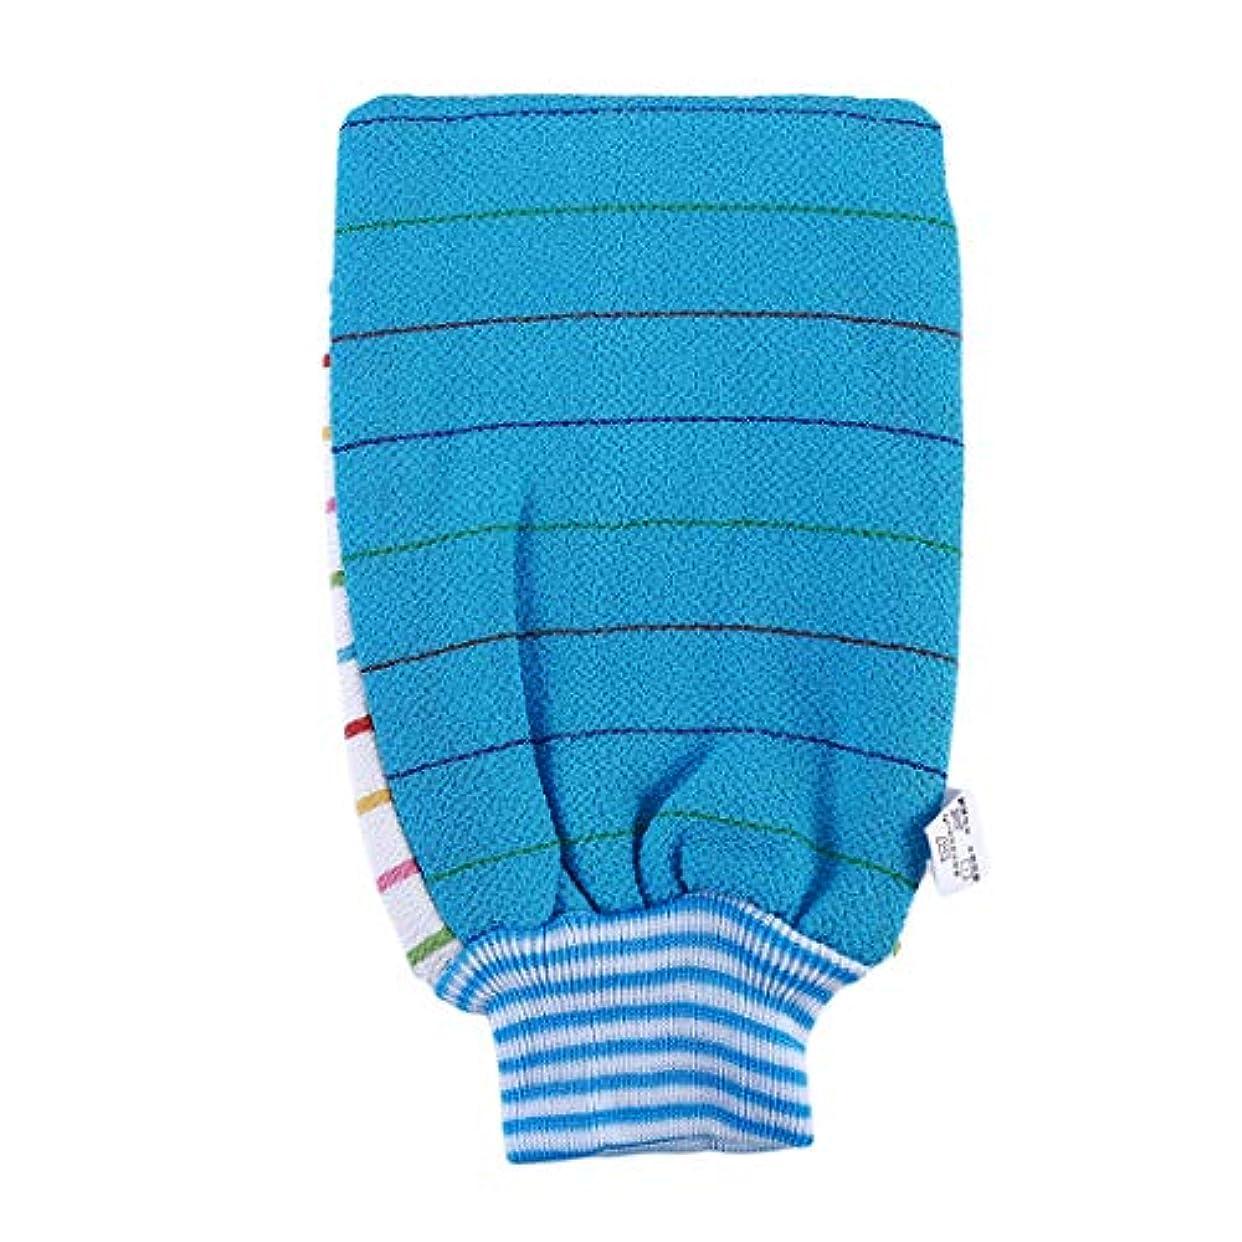 わかる橋脚秘書KLUMA 浴用手袋 ボディ手袋 ボディタオル 垢すり用グローブ 毛穴清潔 角質除去 入浴用品 ブルー